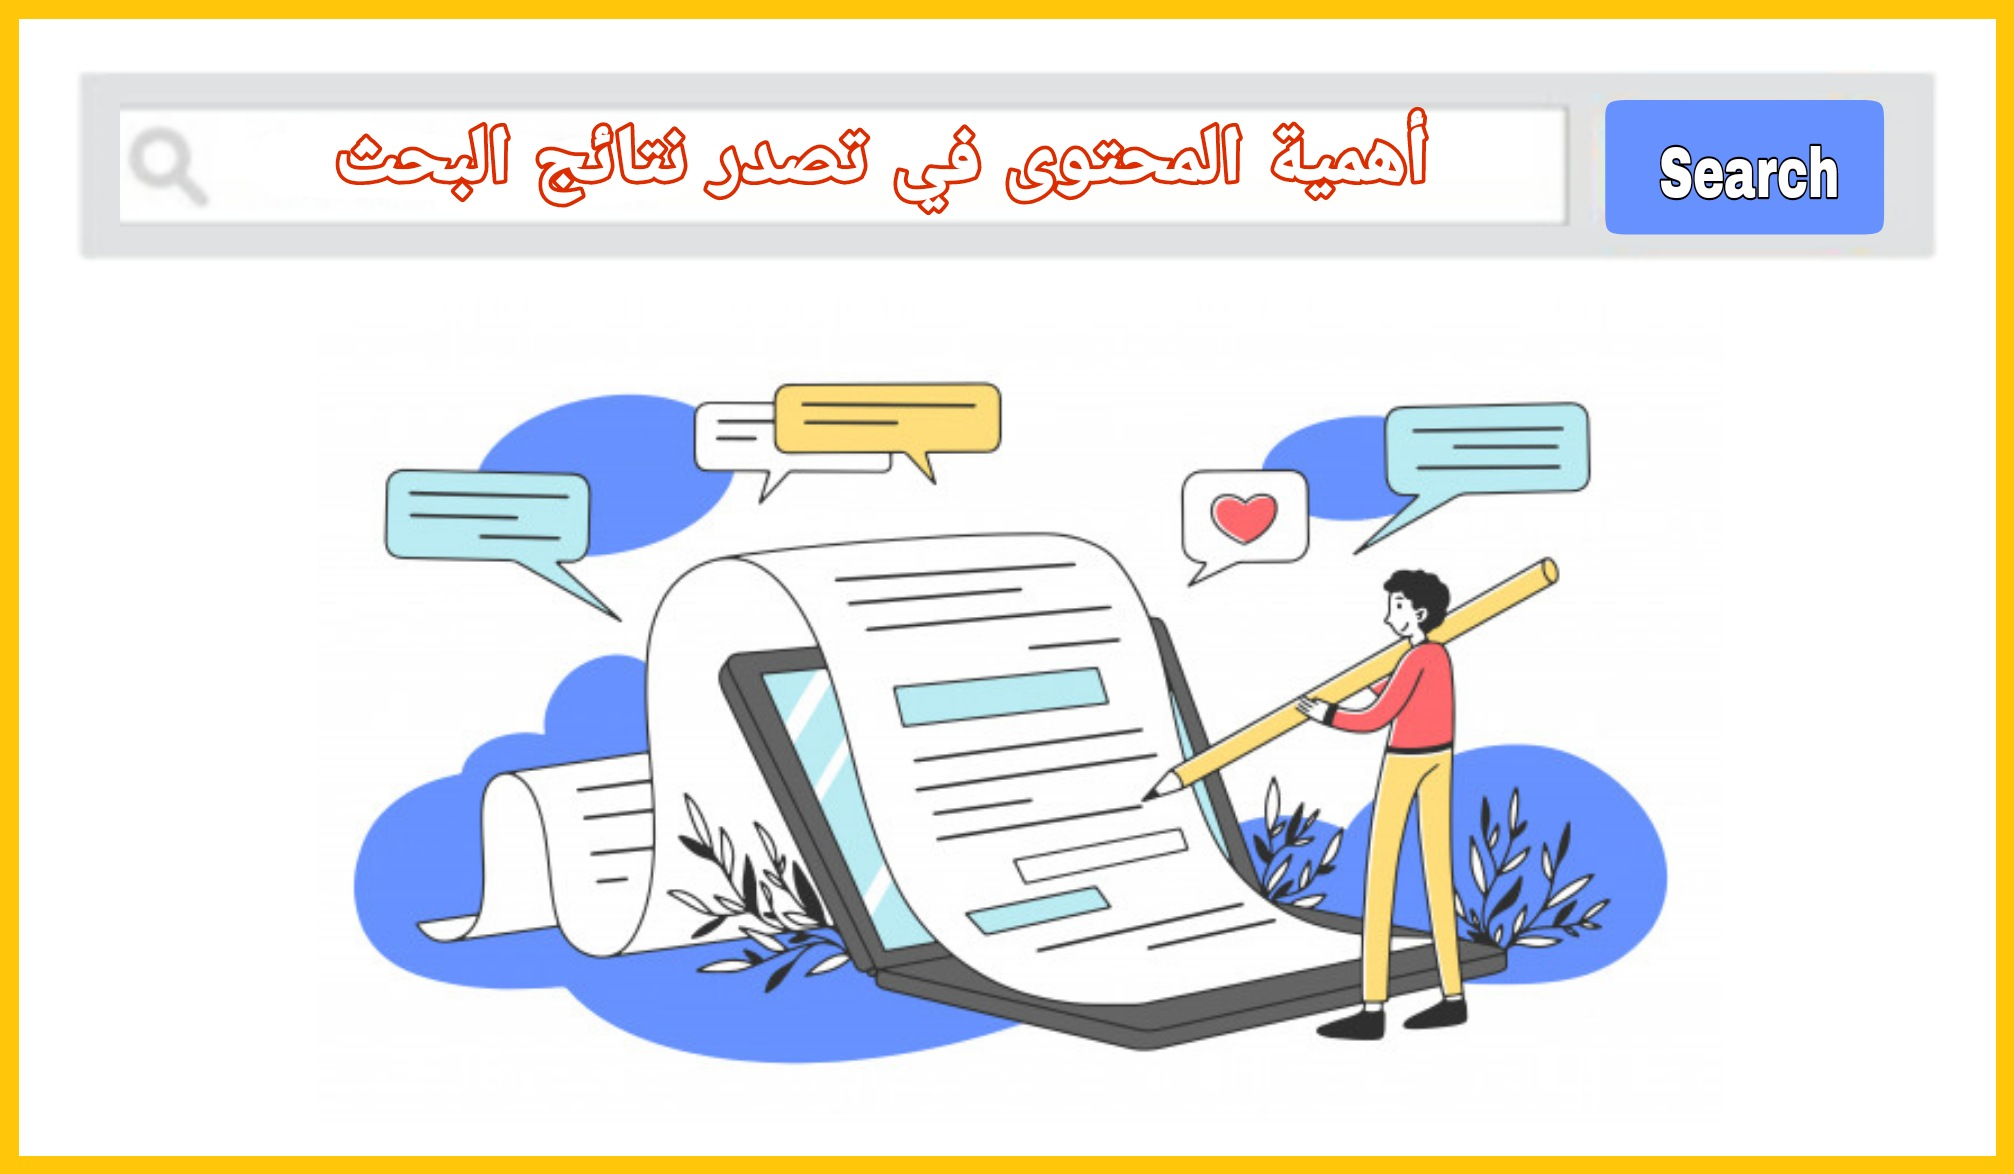 دور جودة المحتوى في تحسين محركات البحث [ المحتوى هو الملك]